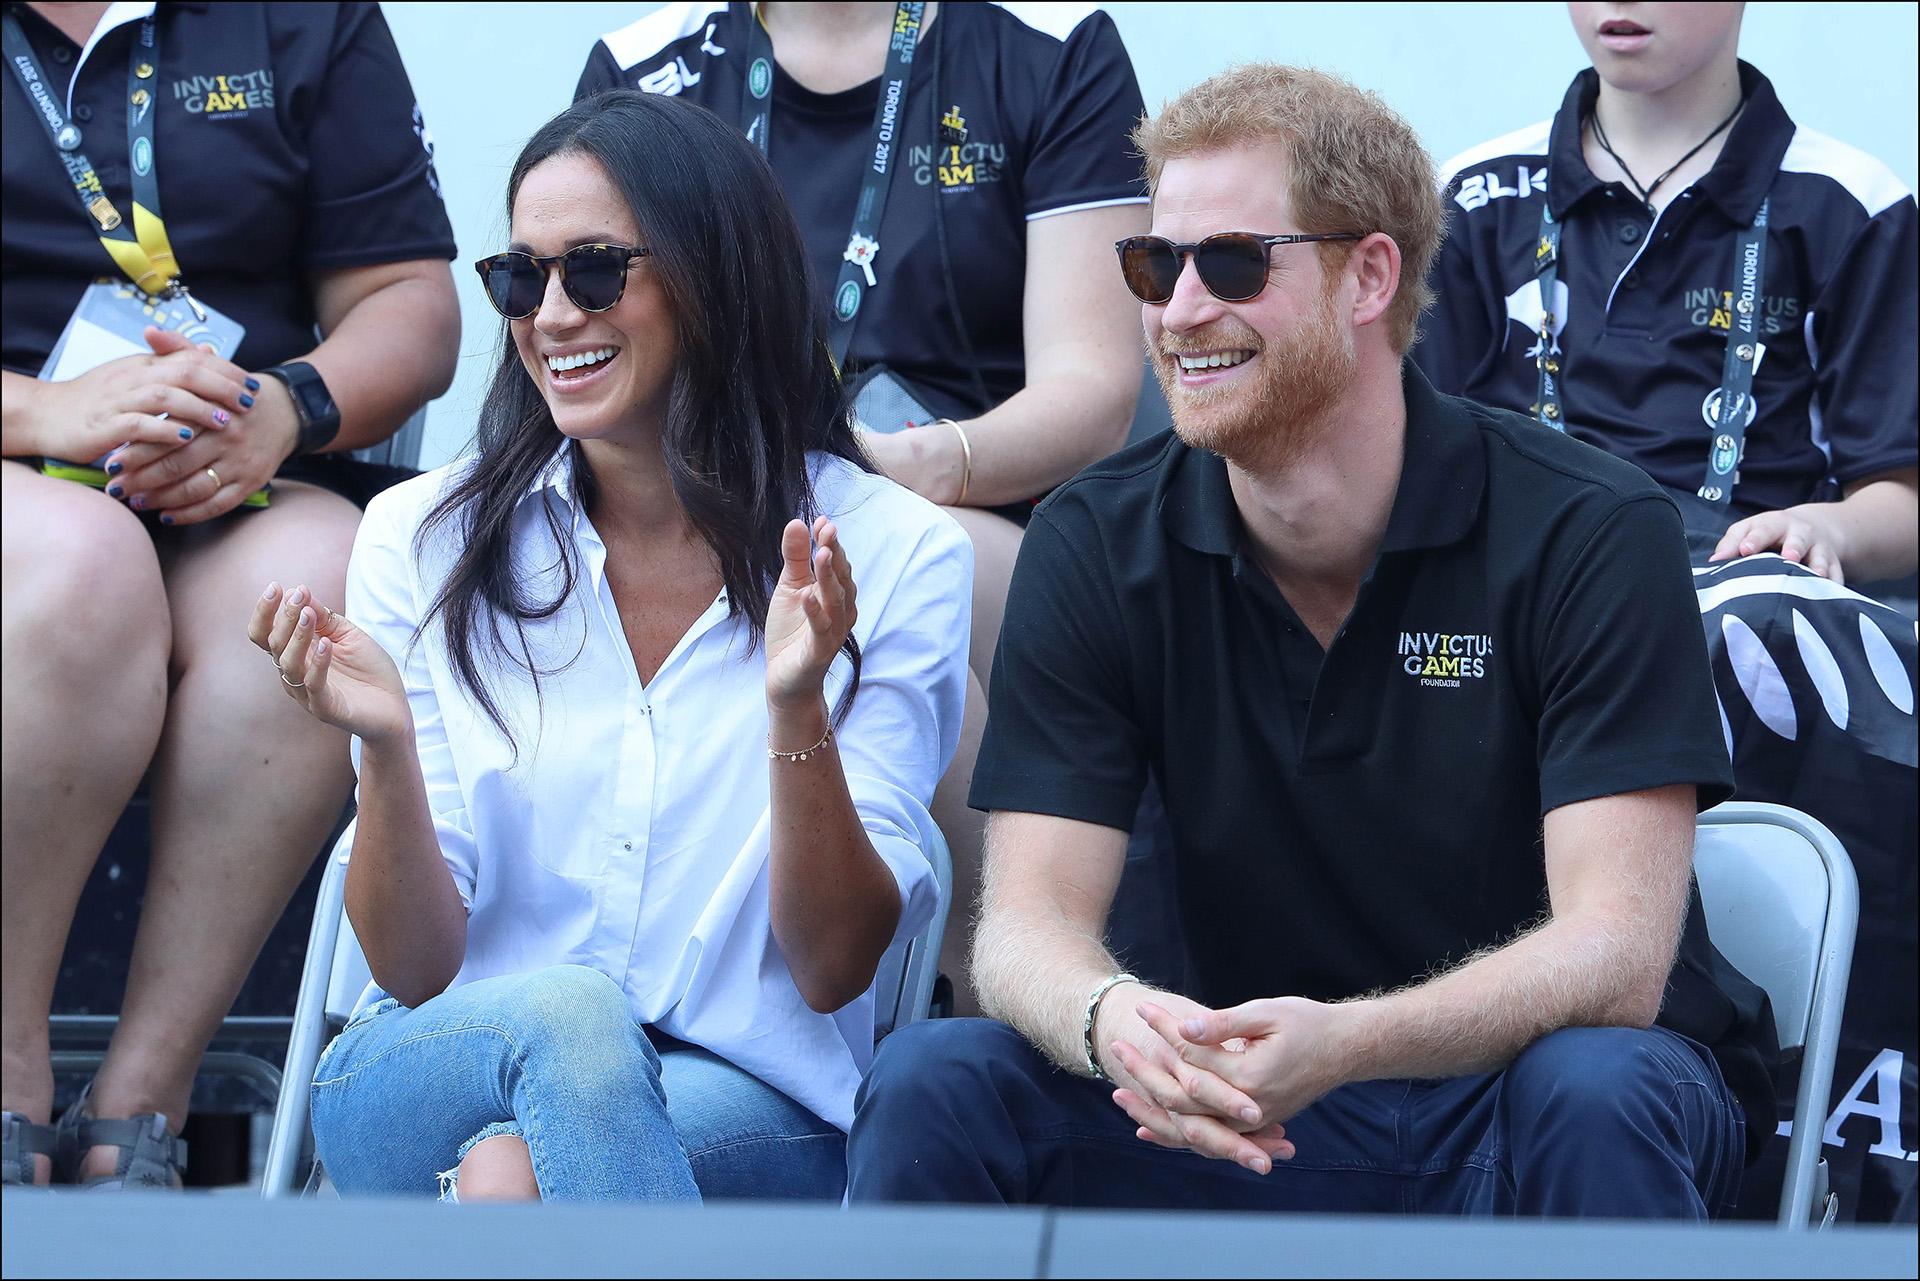 La primera foto que confirmaba la relación entre Meghan Markle y el príncipe Harry, un 25 de septiembre de 2017 en Toronto durante un partido de los Invictus Games.